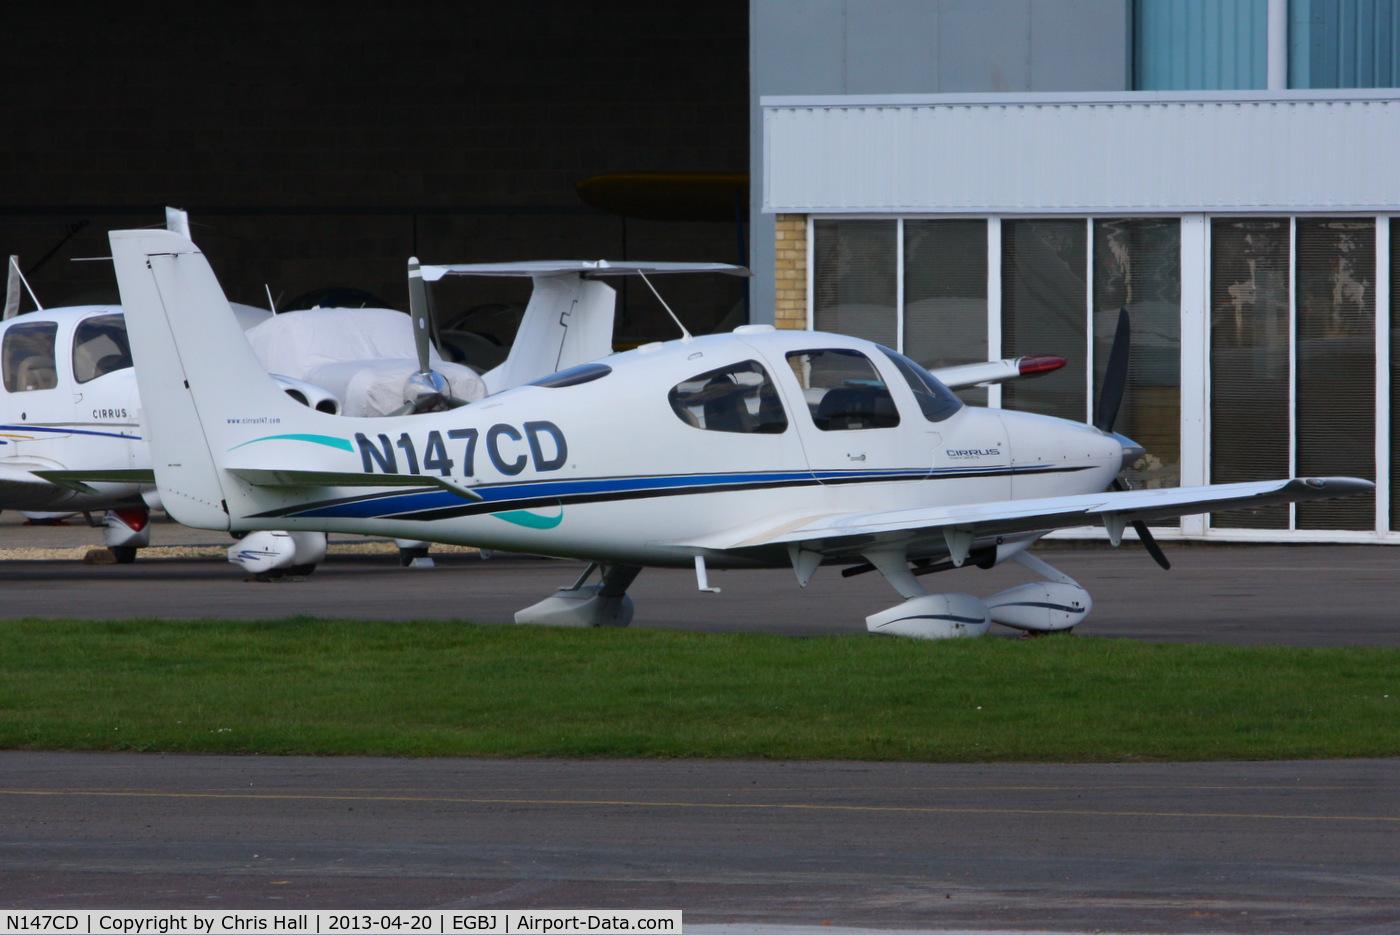 N147CD, 2000 Cirrus SR20 C/N 1043, Cirrus147 flying group